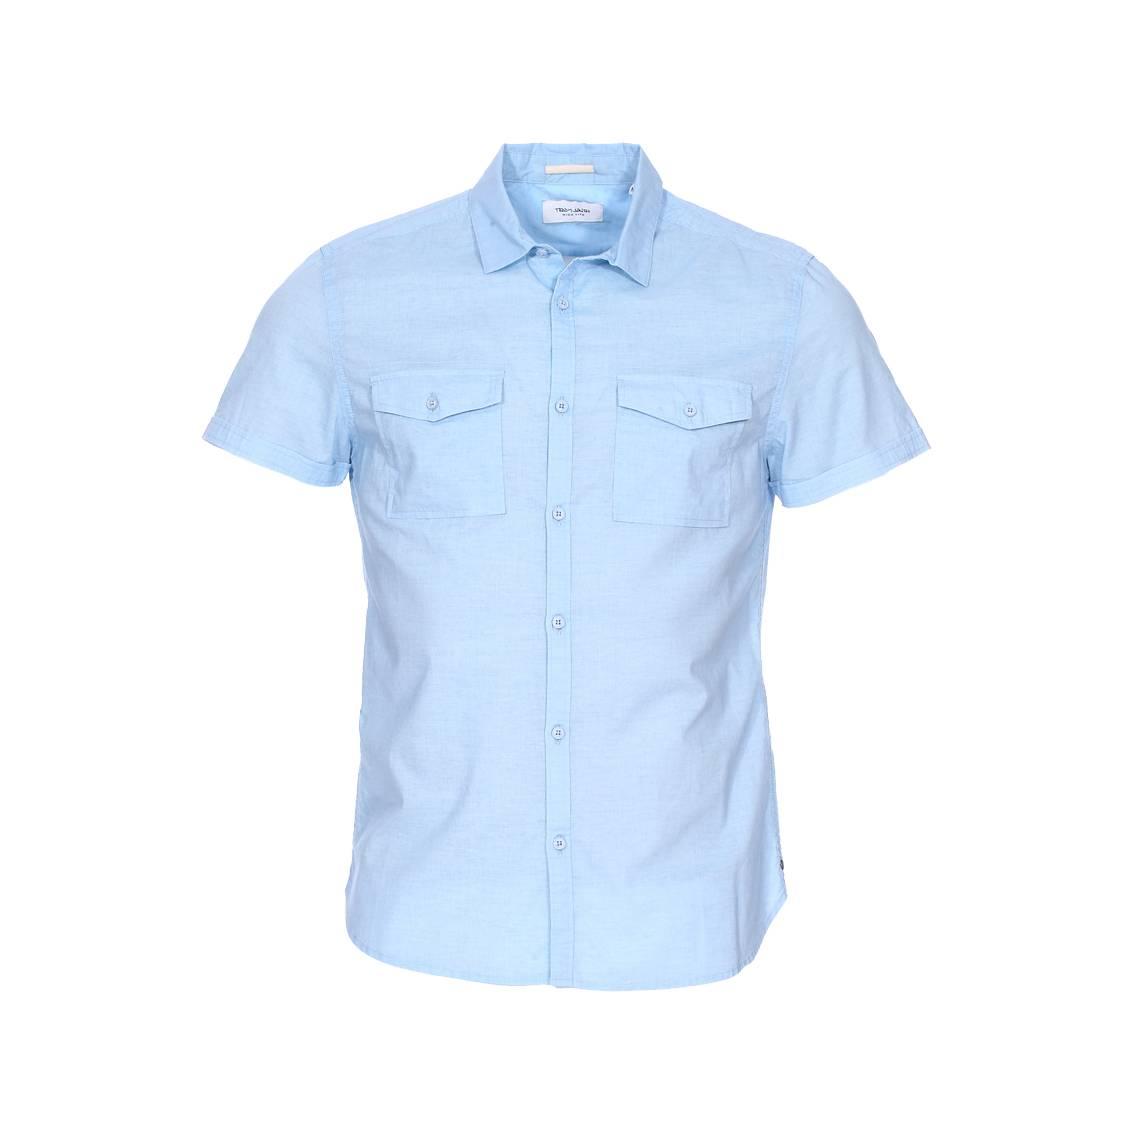 Chemise manches courtes  cong en coton bleu ciel